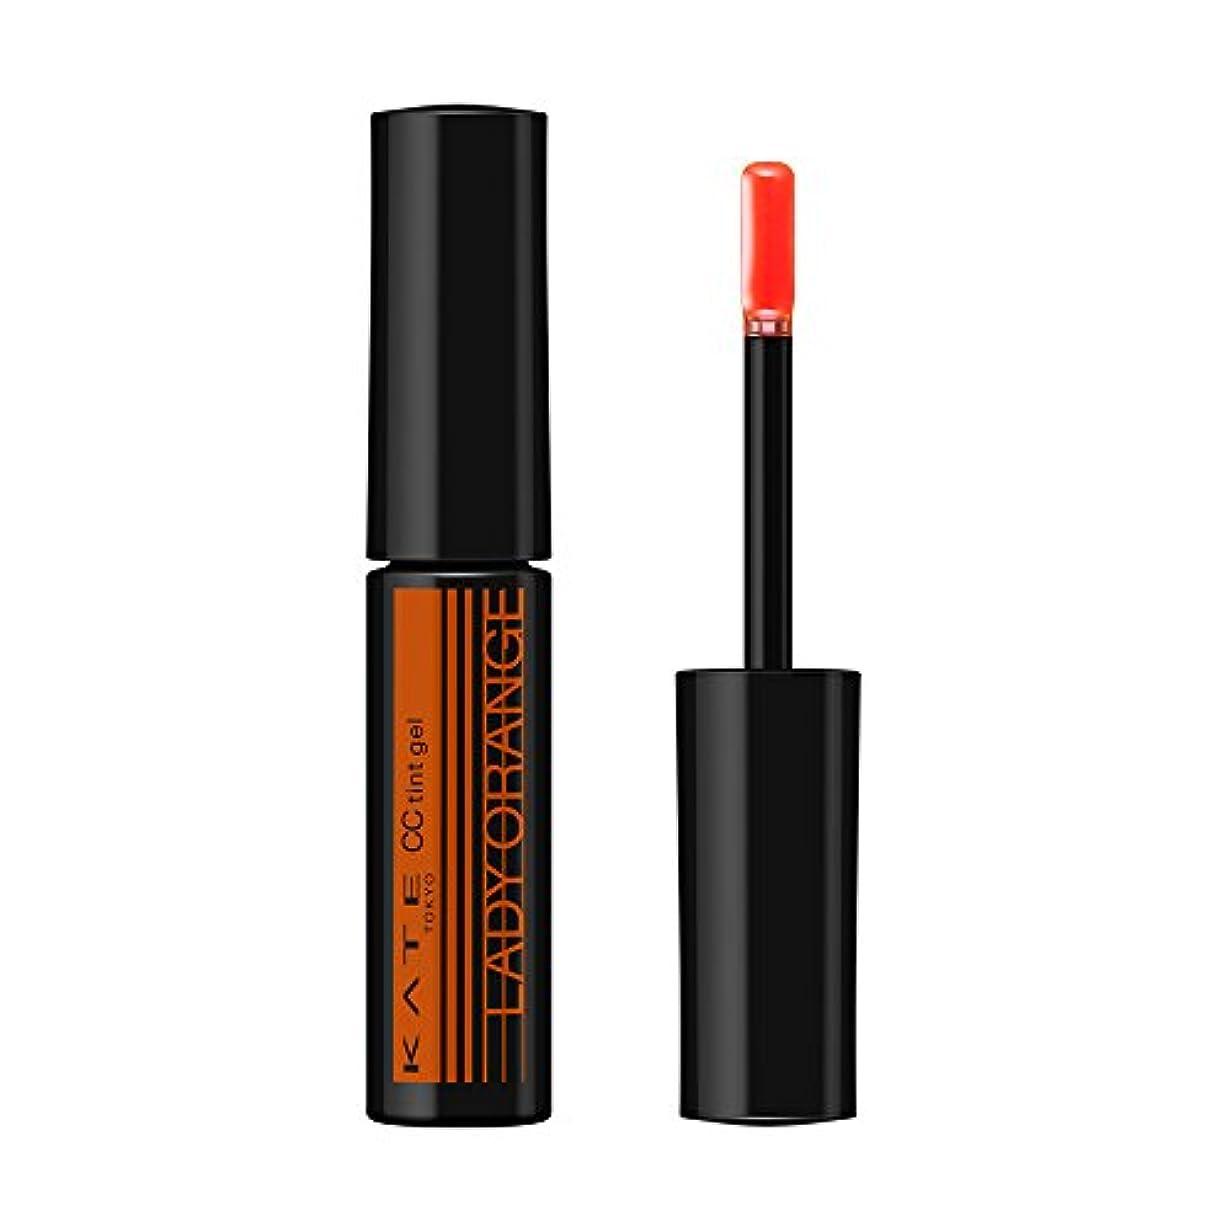 徹底お金フォーマットケイト CCティントジェル 02 発色のよいオレンジ 口紅